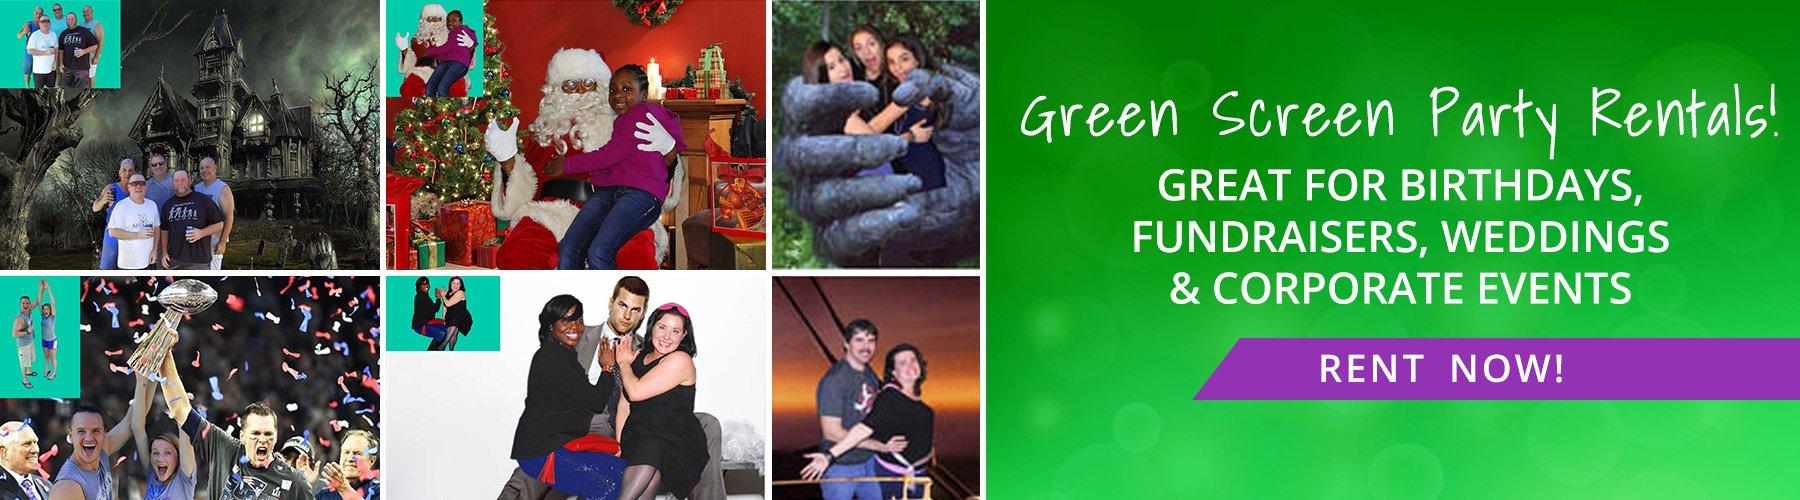 Green Screen Party Rentals